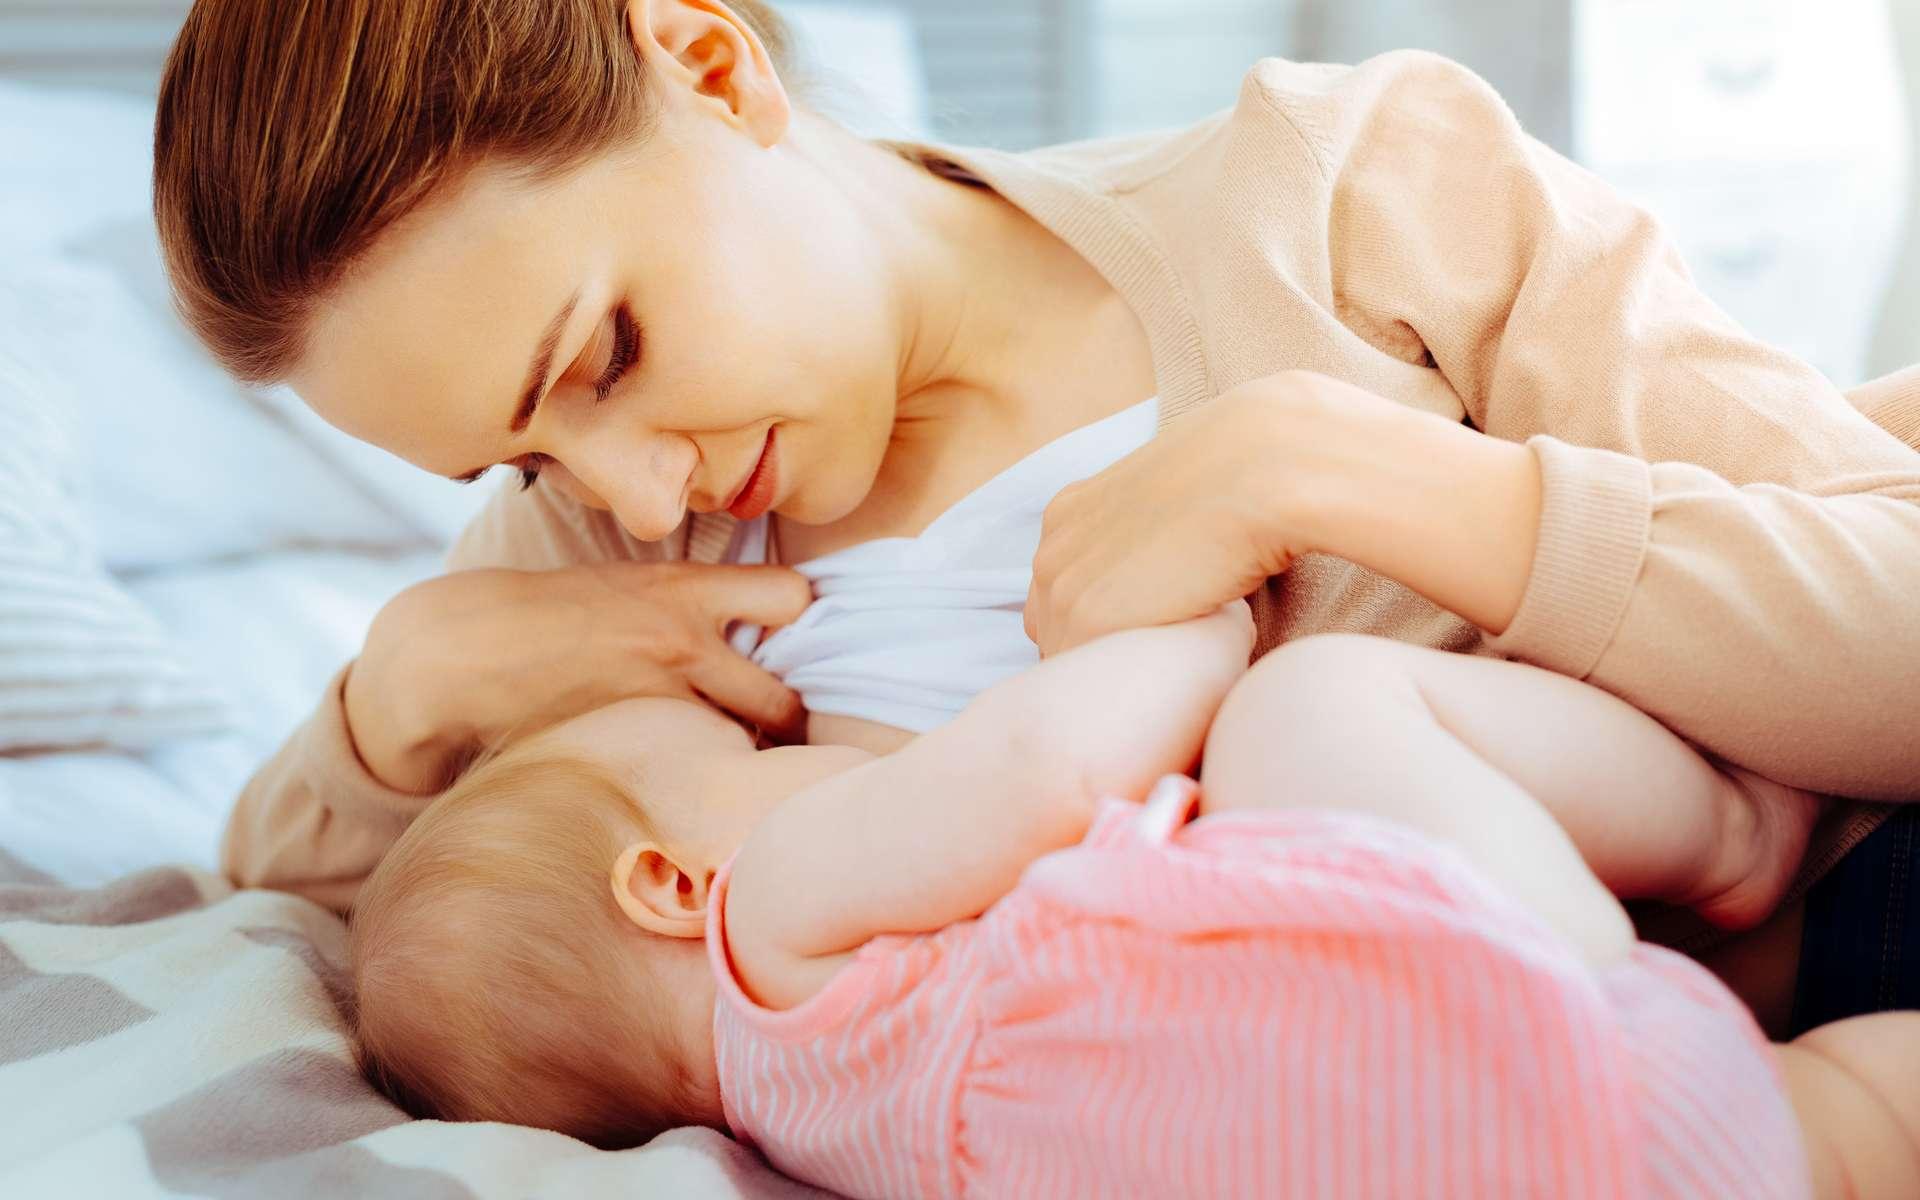 L'allaitement maternel permet de donner au bébé le lait maternel, unique, que le lait industriel ne remplace pas. Les bénéfices sont à la fois pour le bébé et la mère. © Viacheslav Iakobchuk, Adobe Stock